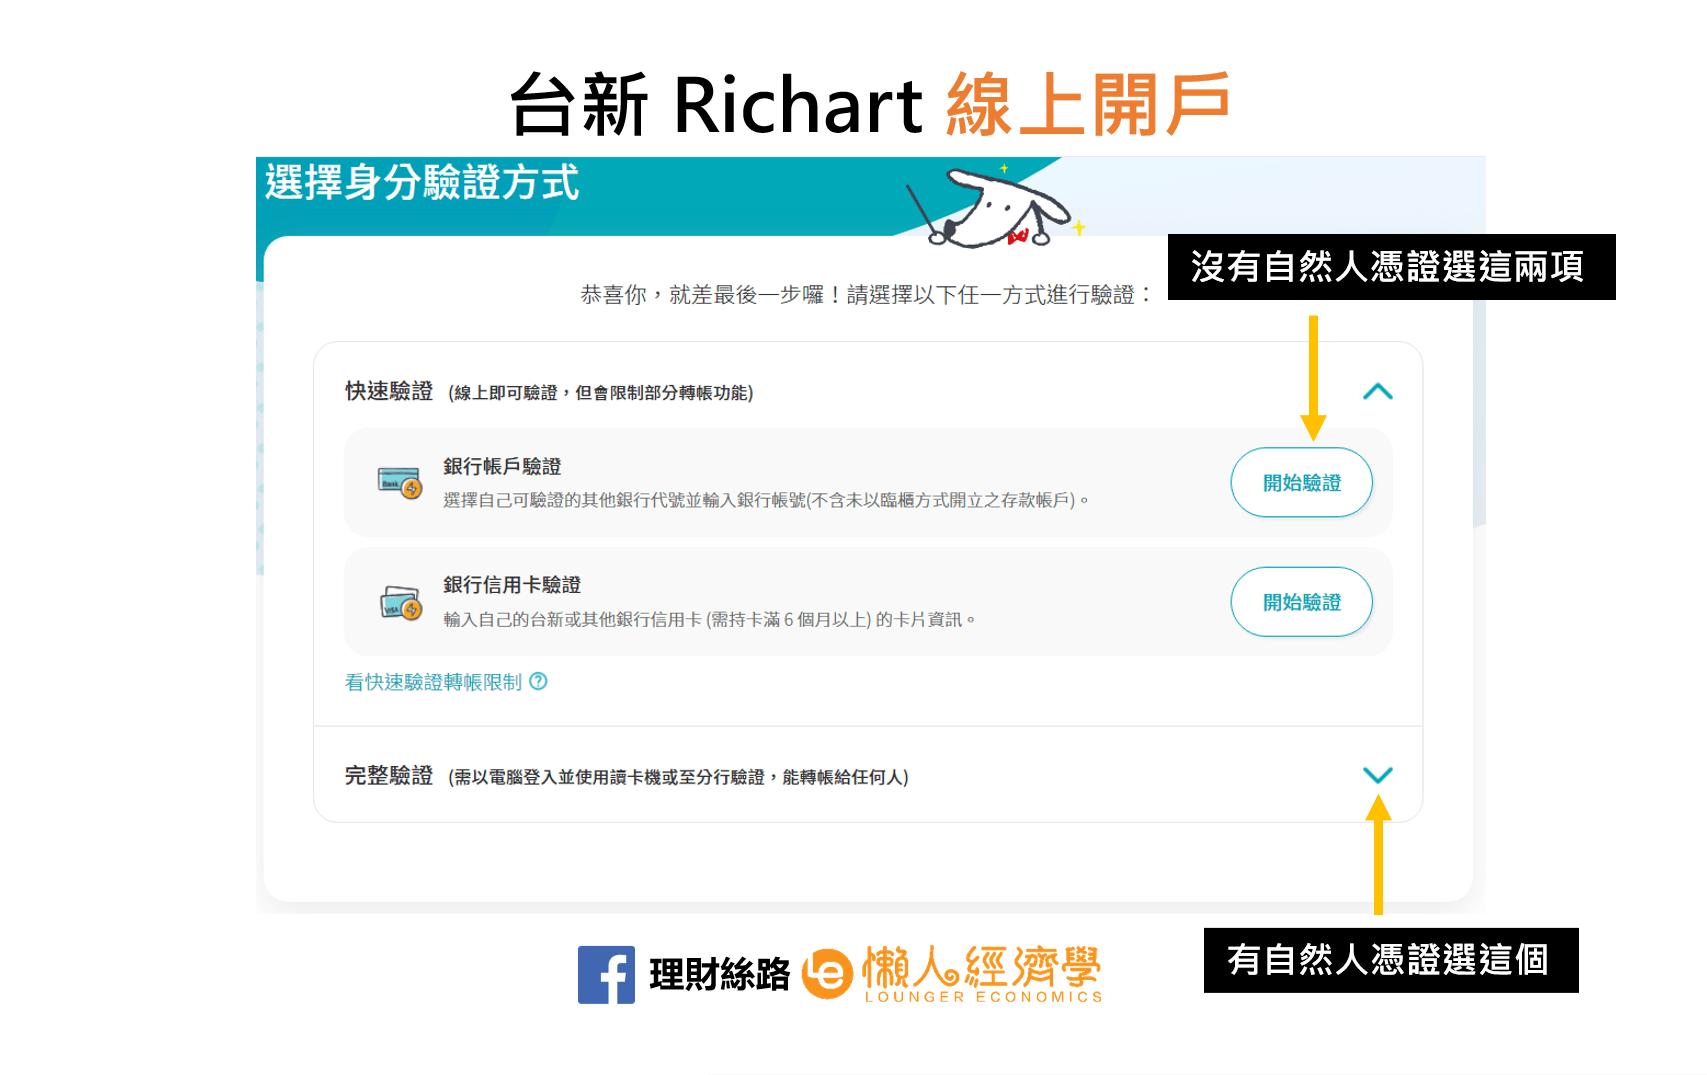 台新richart開戶